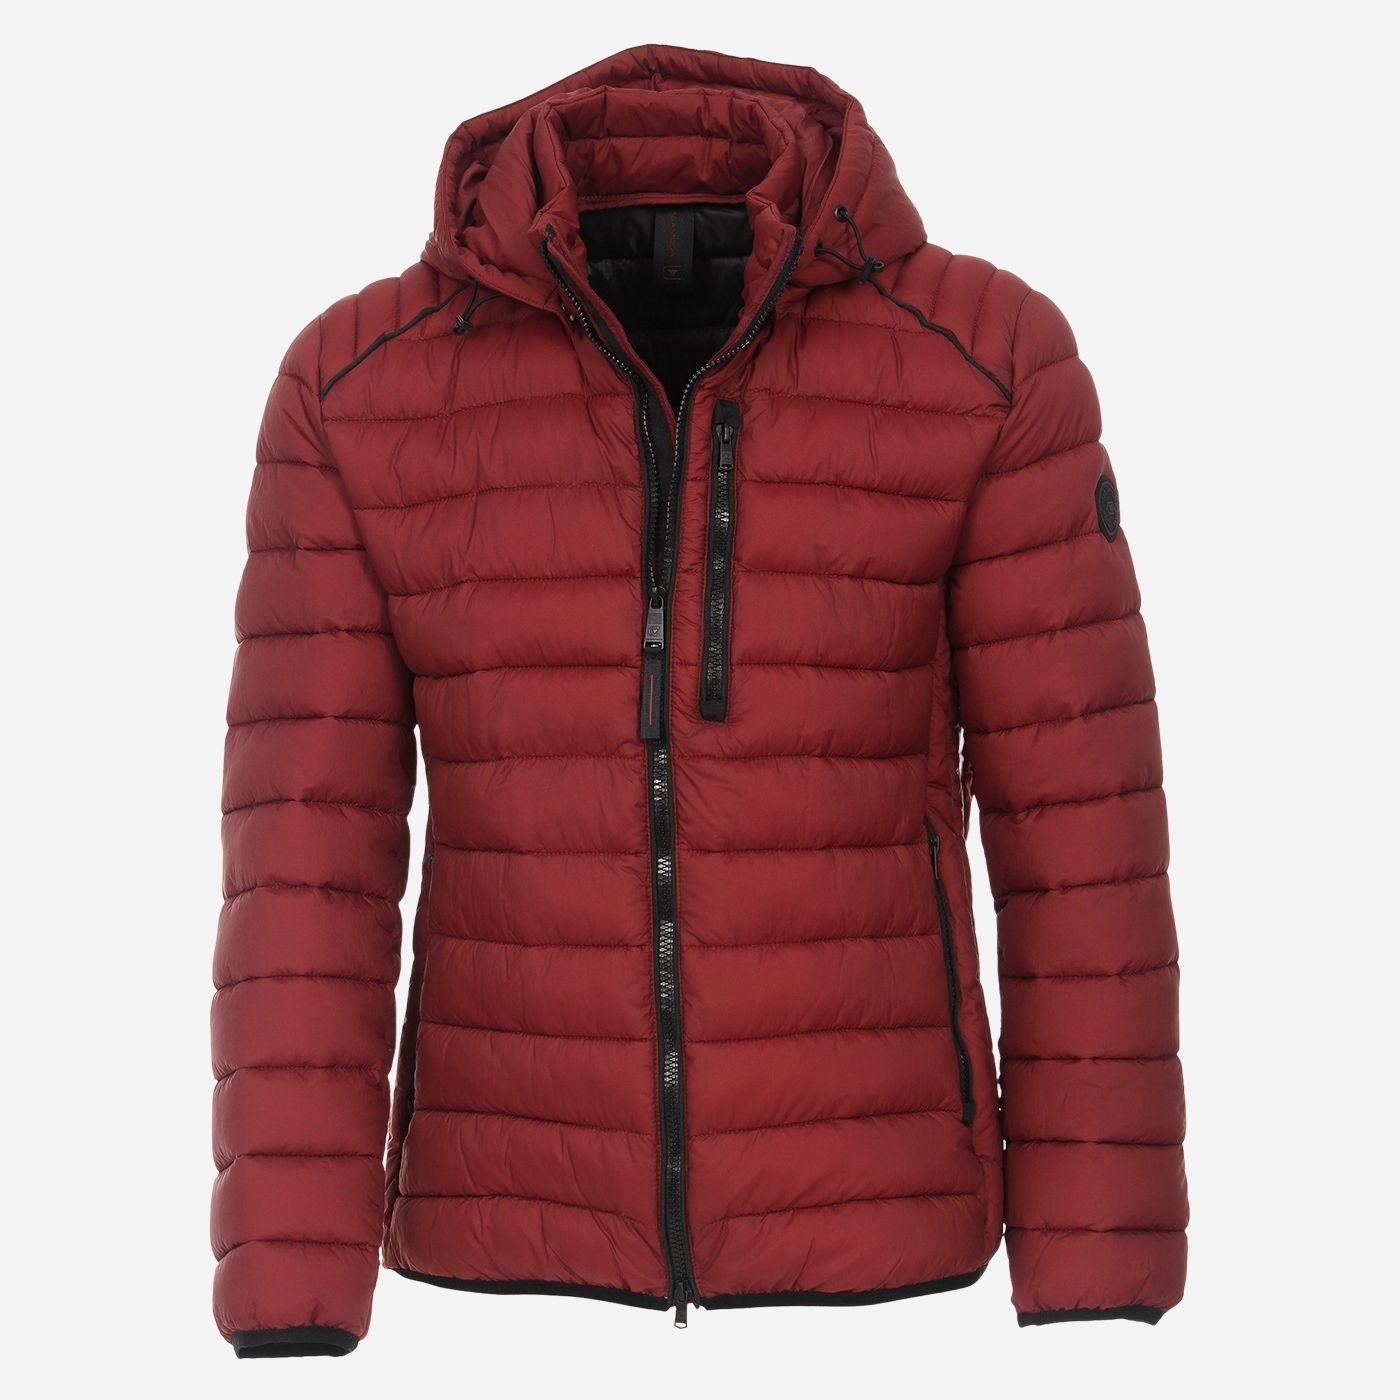 Bordová zimná pánska bunda, CASAMODA Veľkosť: L